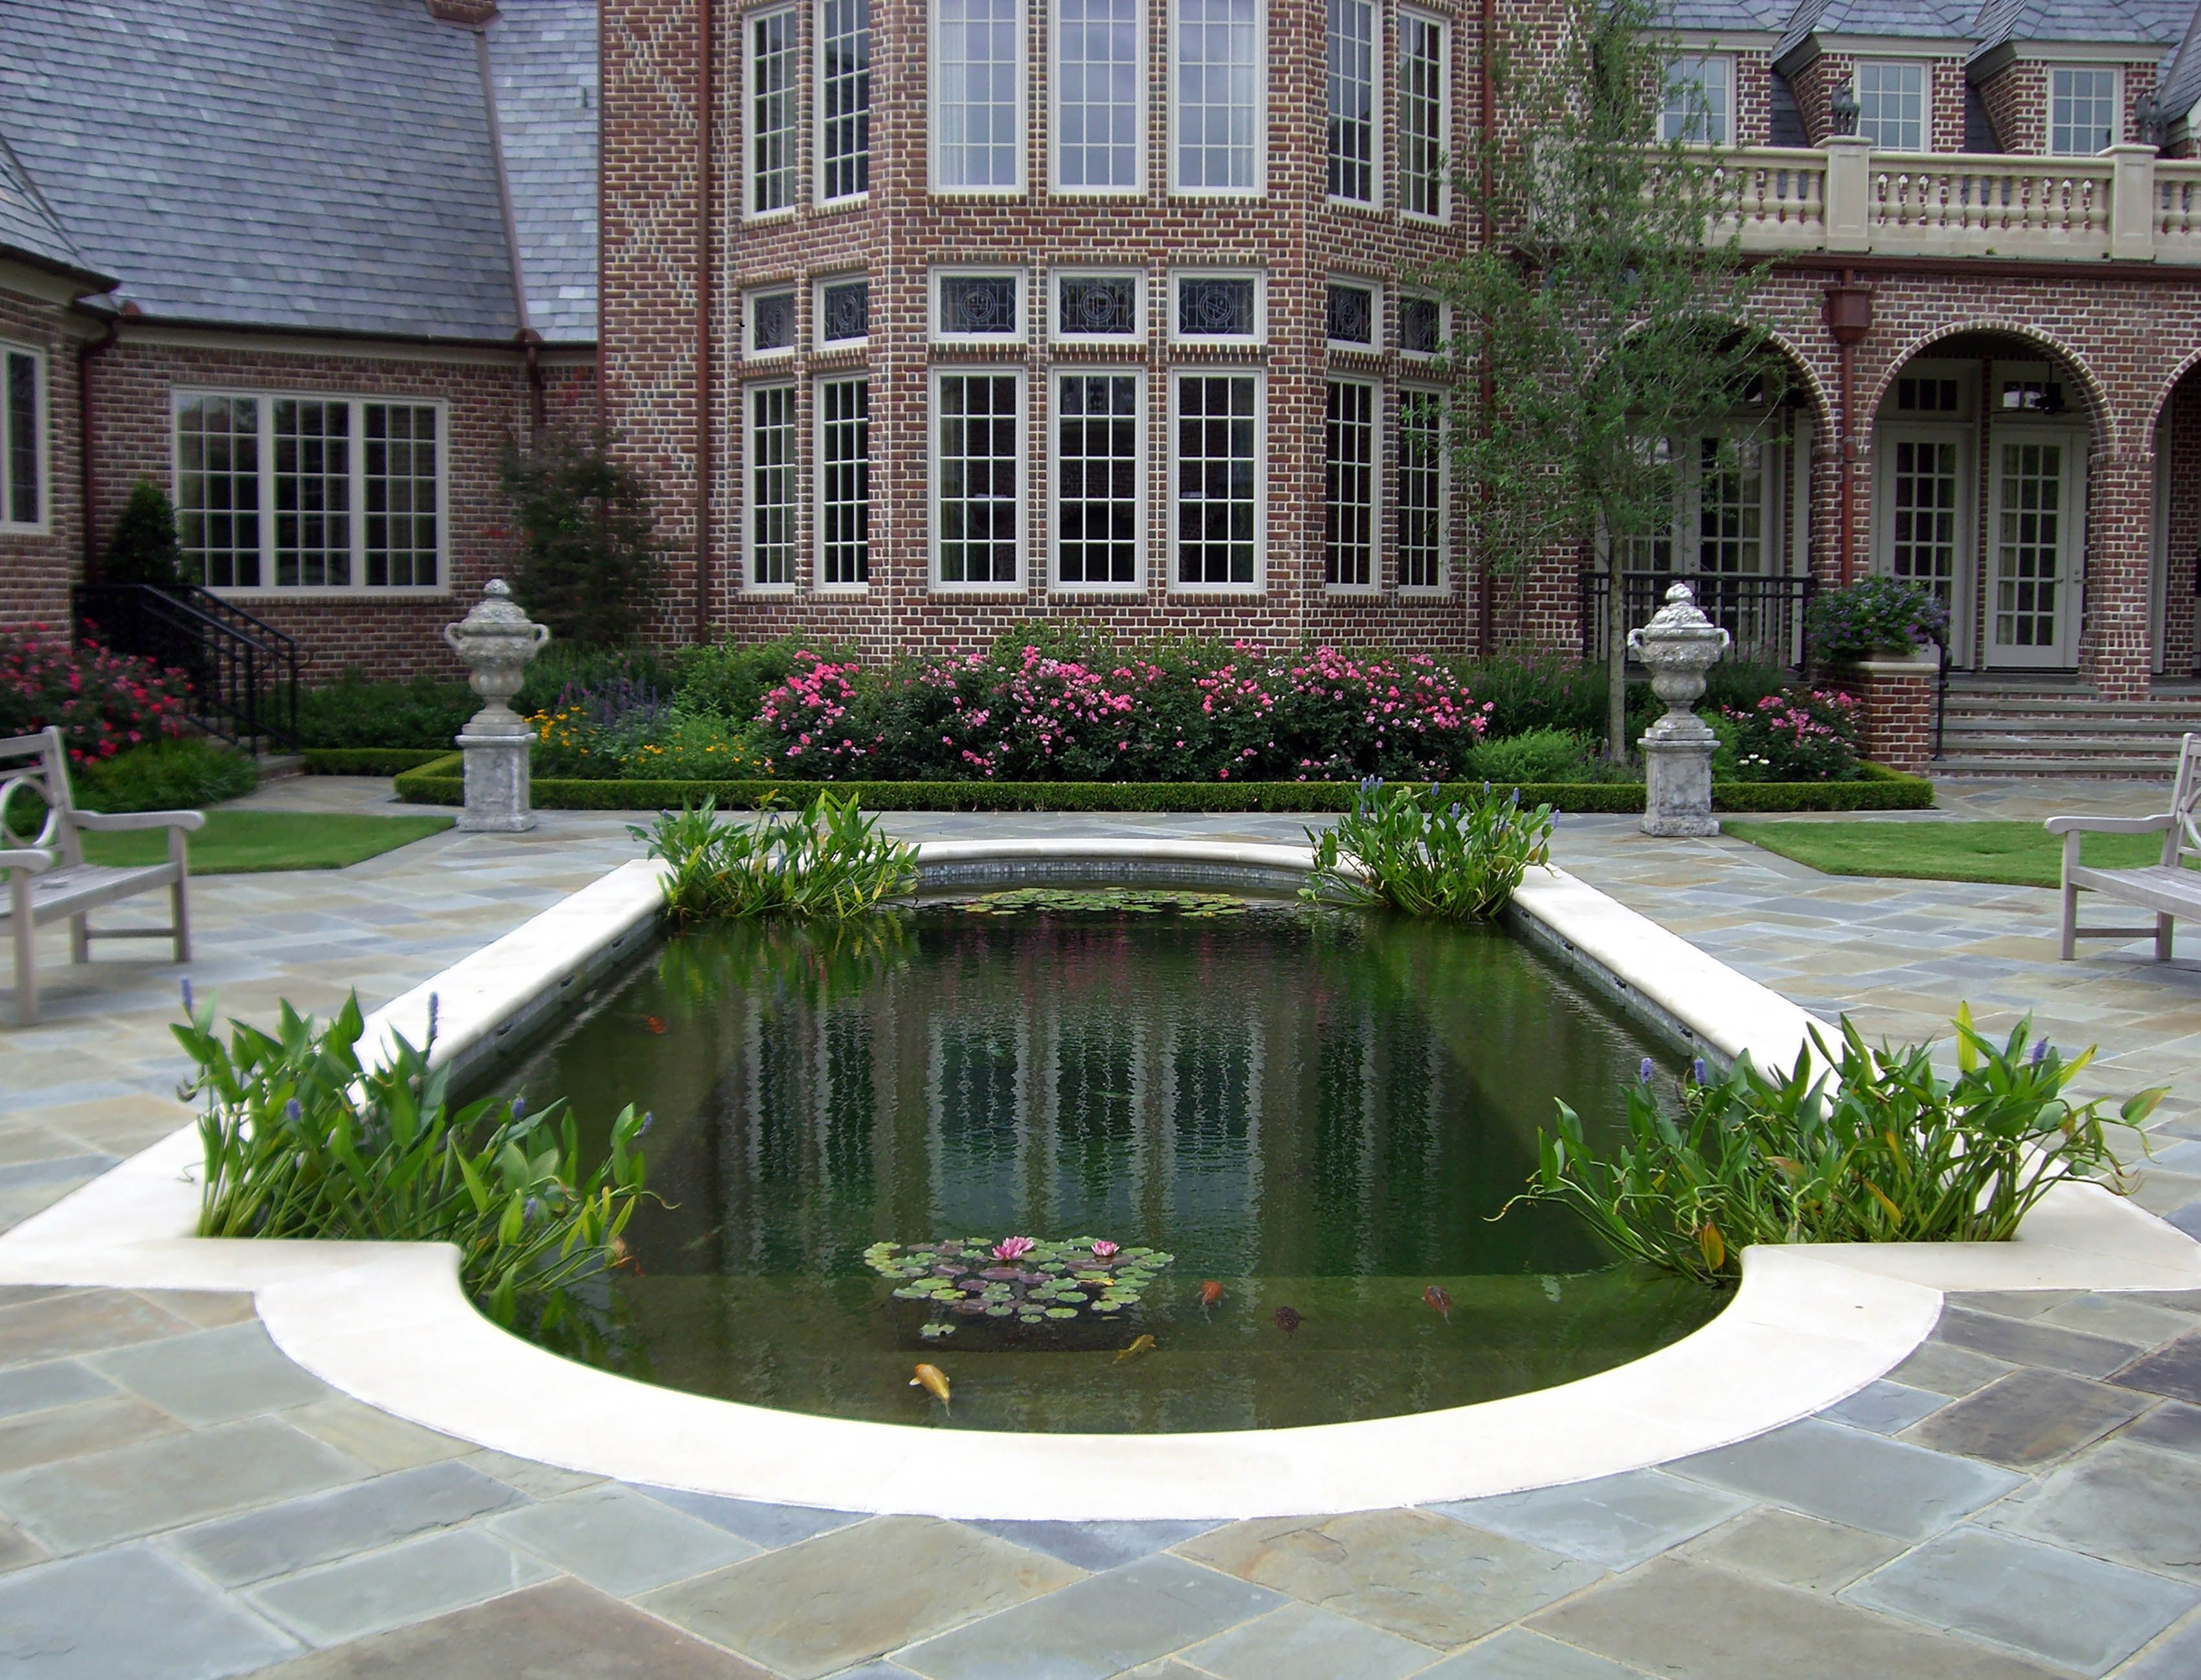 English tudor garden with traditional formal koi pond for Formal koi pond